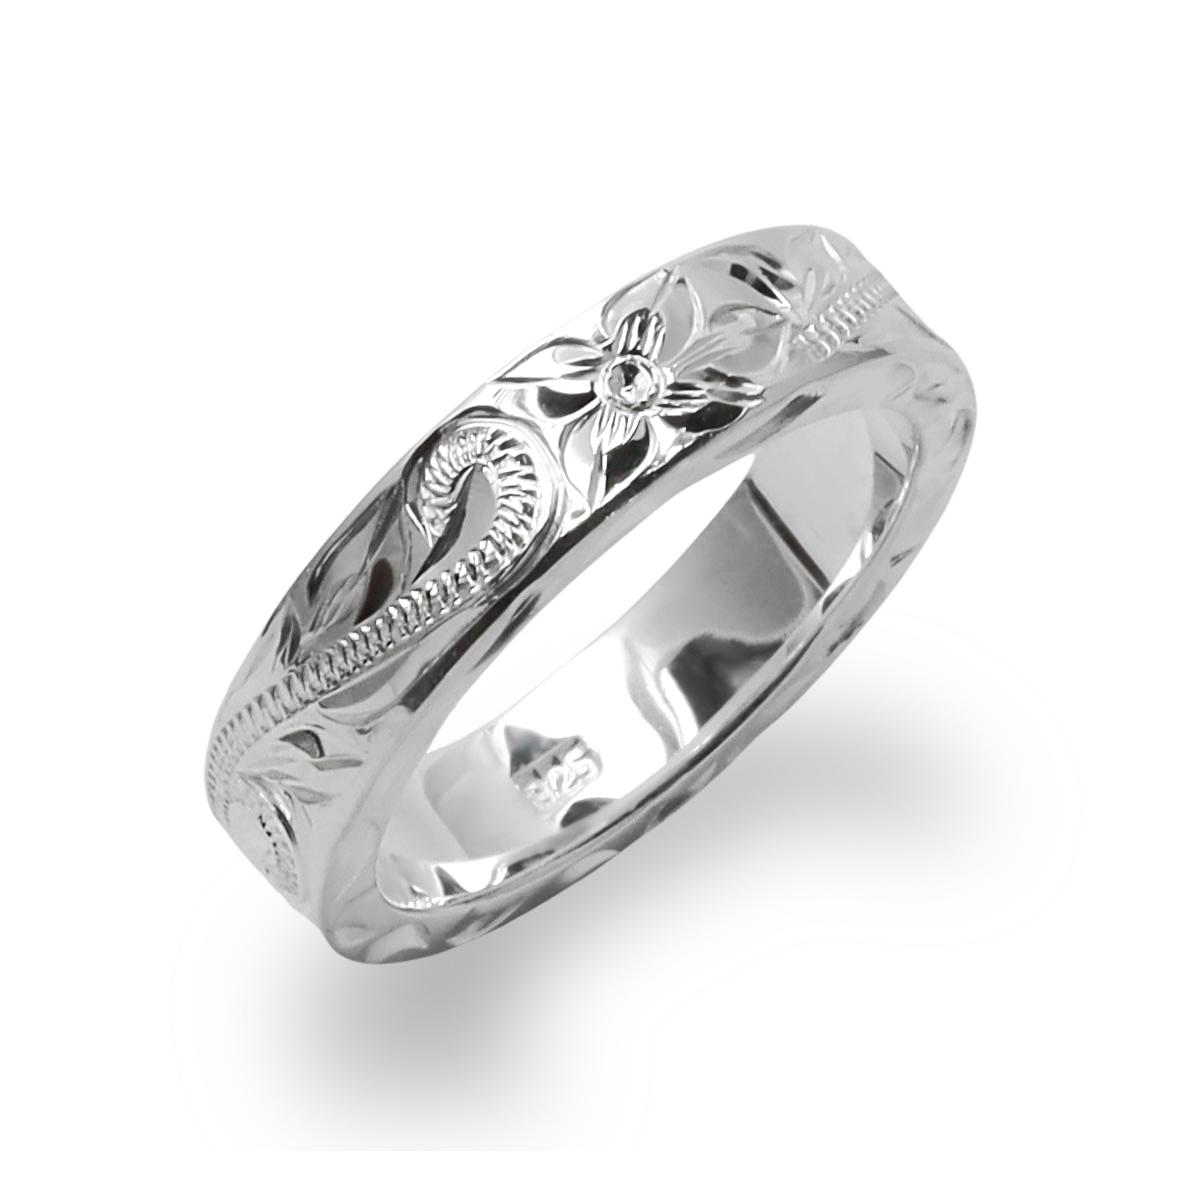 激安 文字刻印無料 厚み2mmの心地よい重量感シルバー925 数量限定 ハワイアンジュエリー リング ring アクセサリー メンズ 格安 フラットヘビーmiddleリング レディース 女性 男性 enlri5244sv ペアリングにオススメ